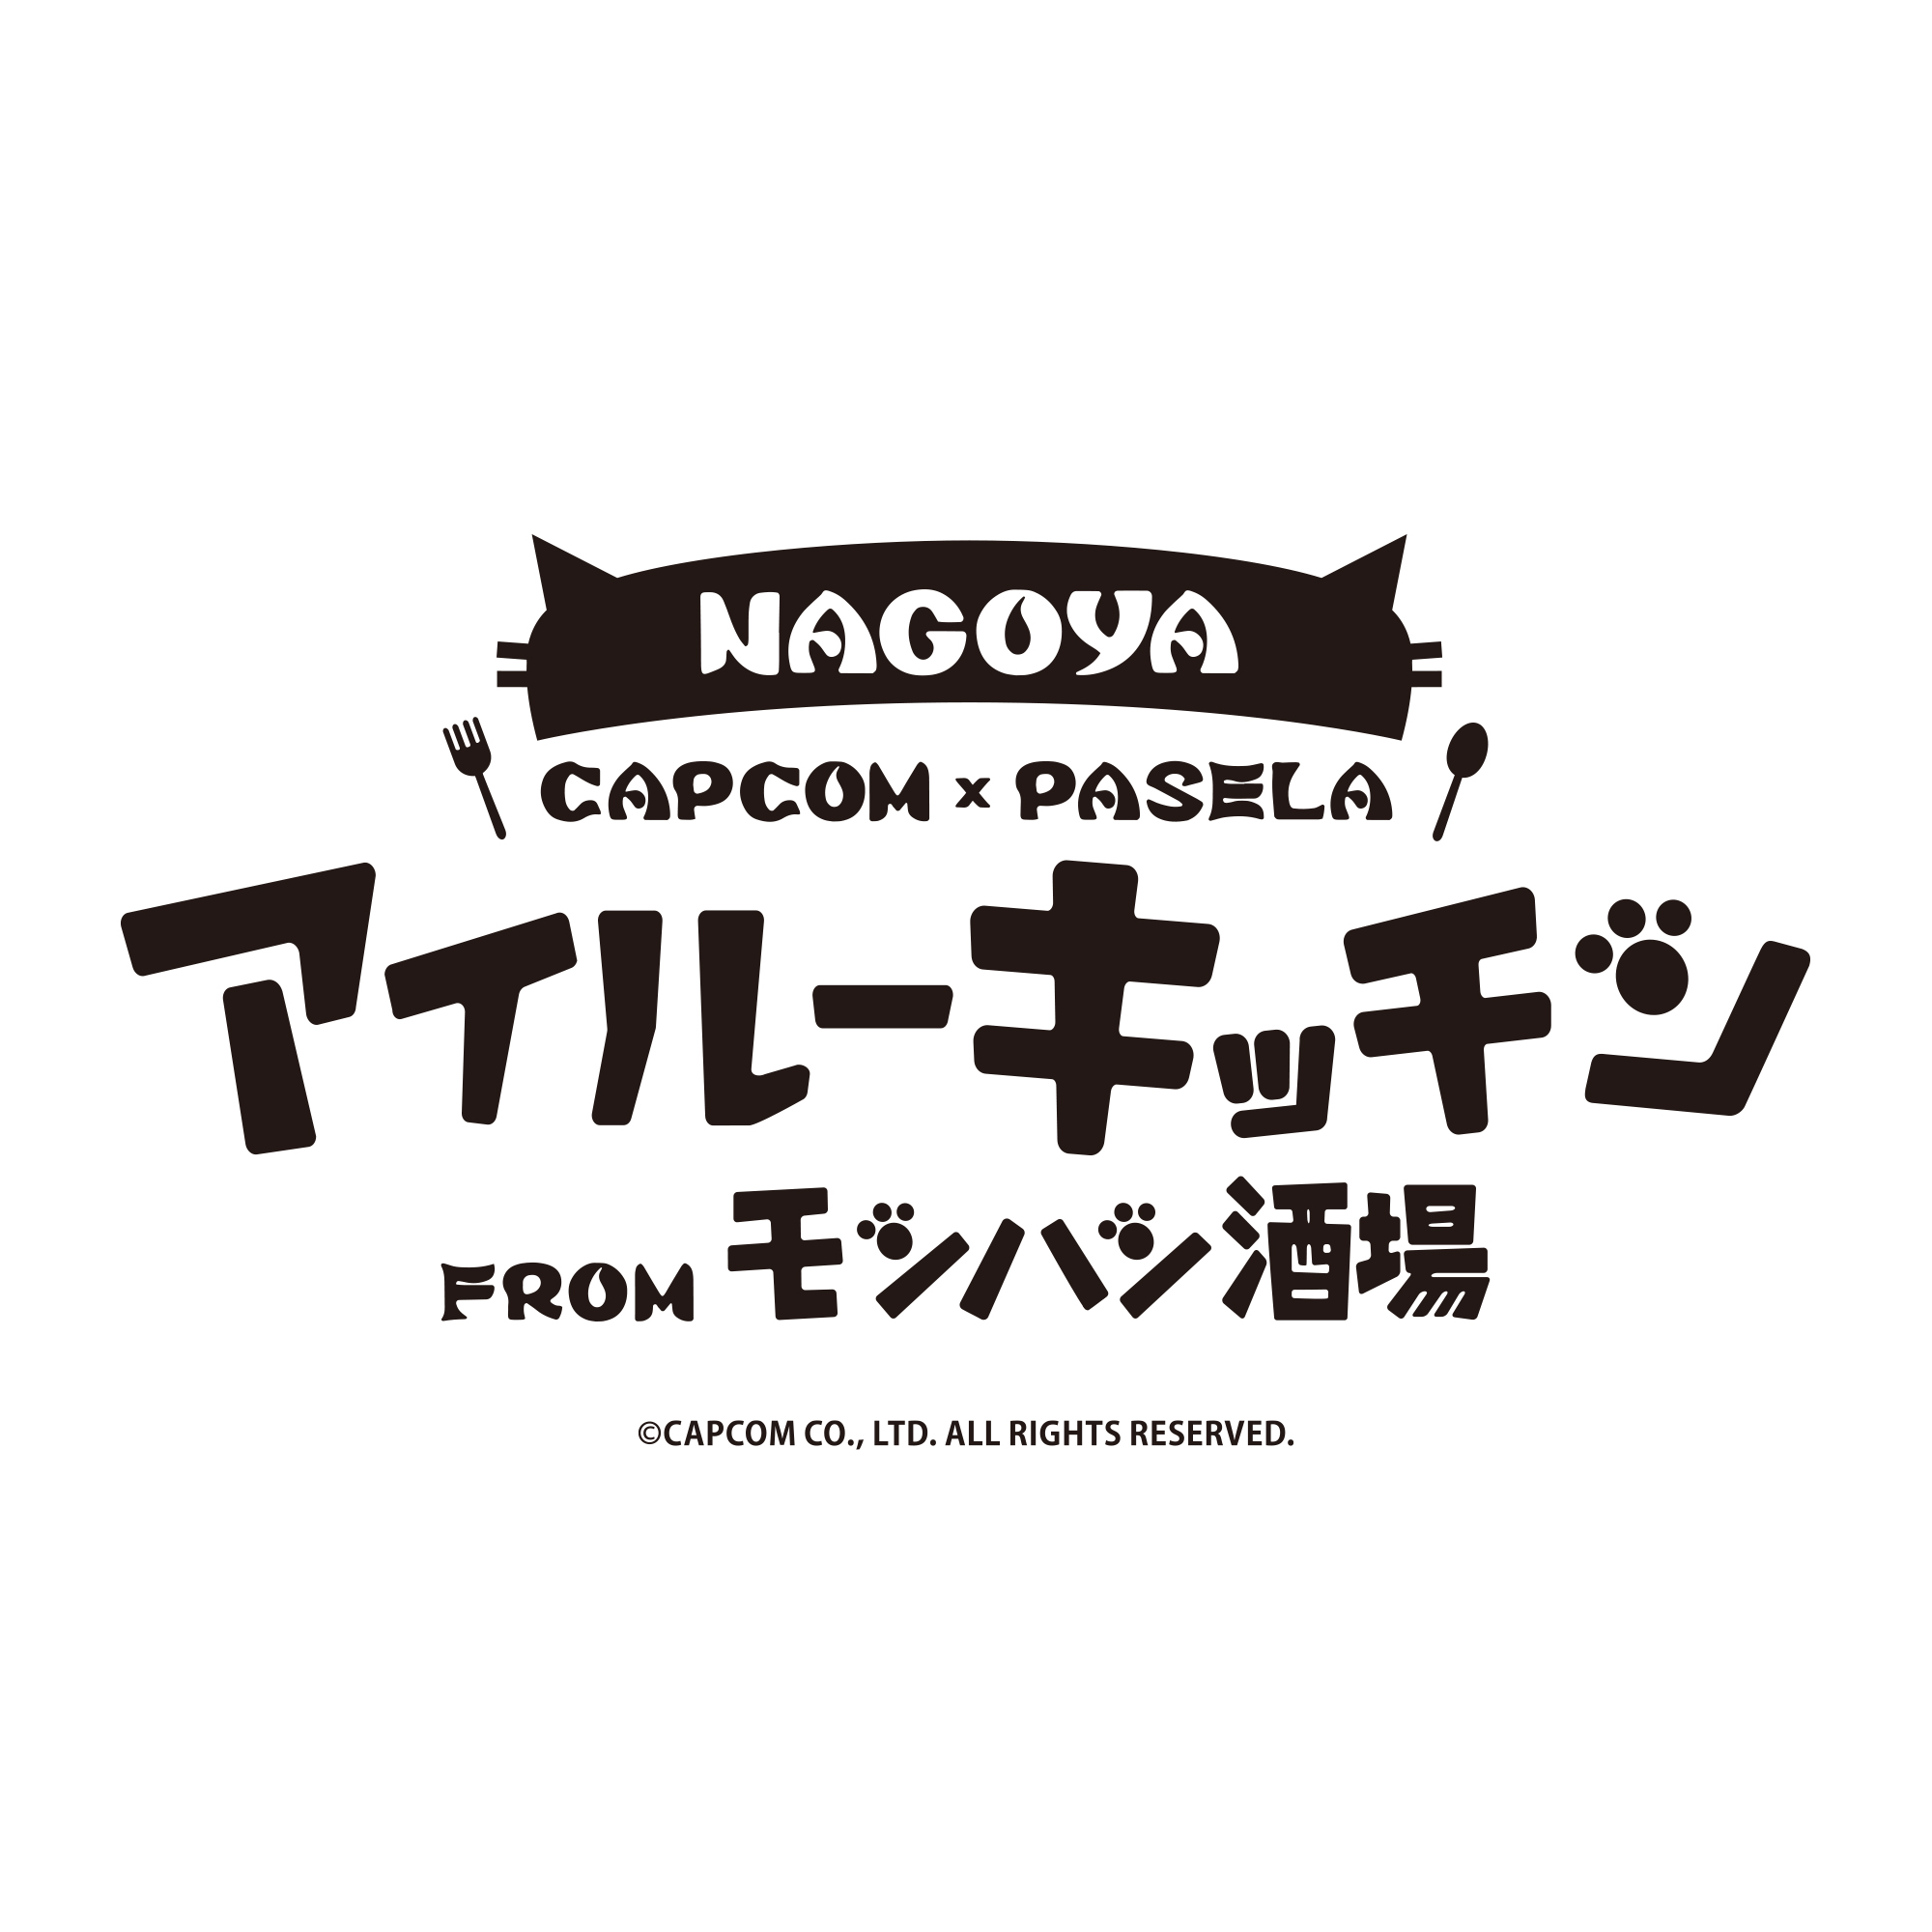 『アイルーキッチンFROMモンハン酒場in NAGOYA』後期メニューを公開!!